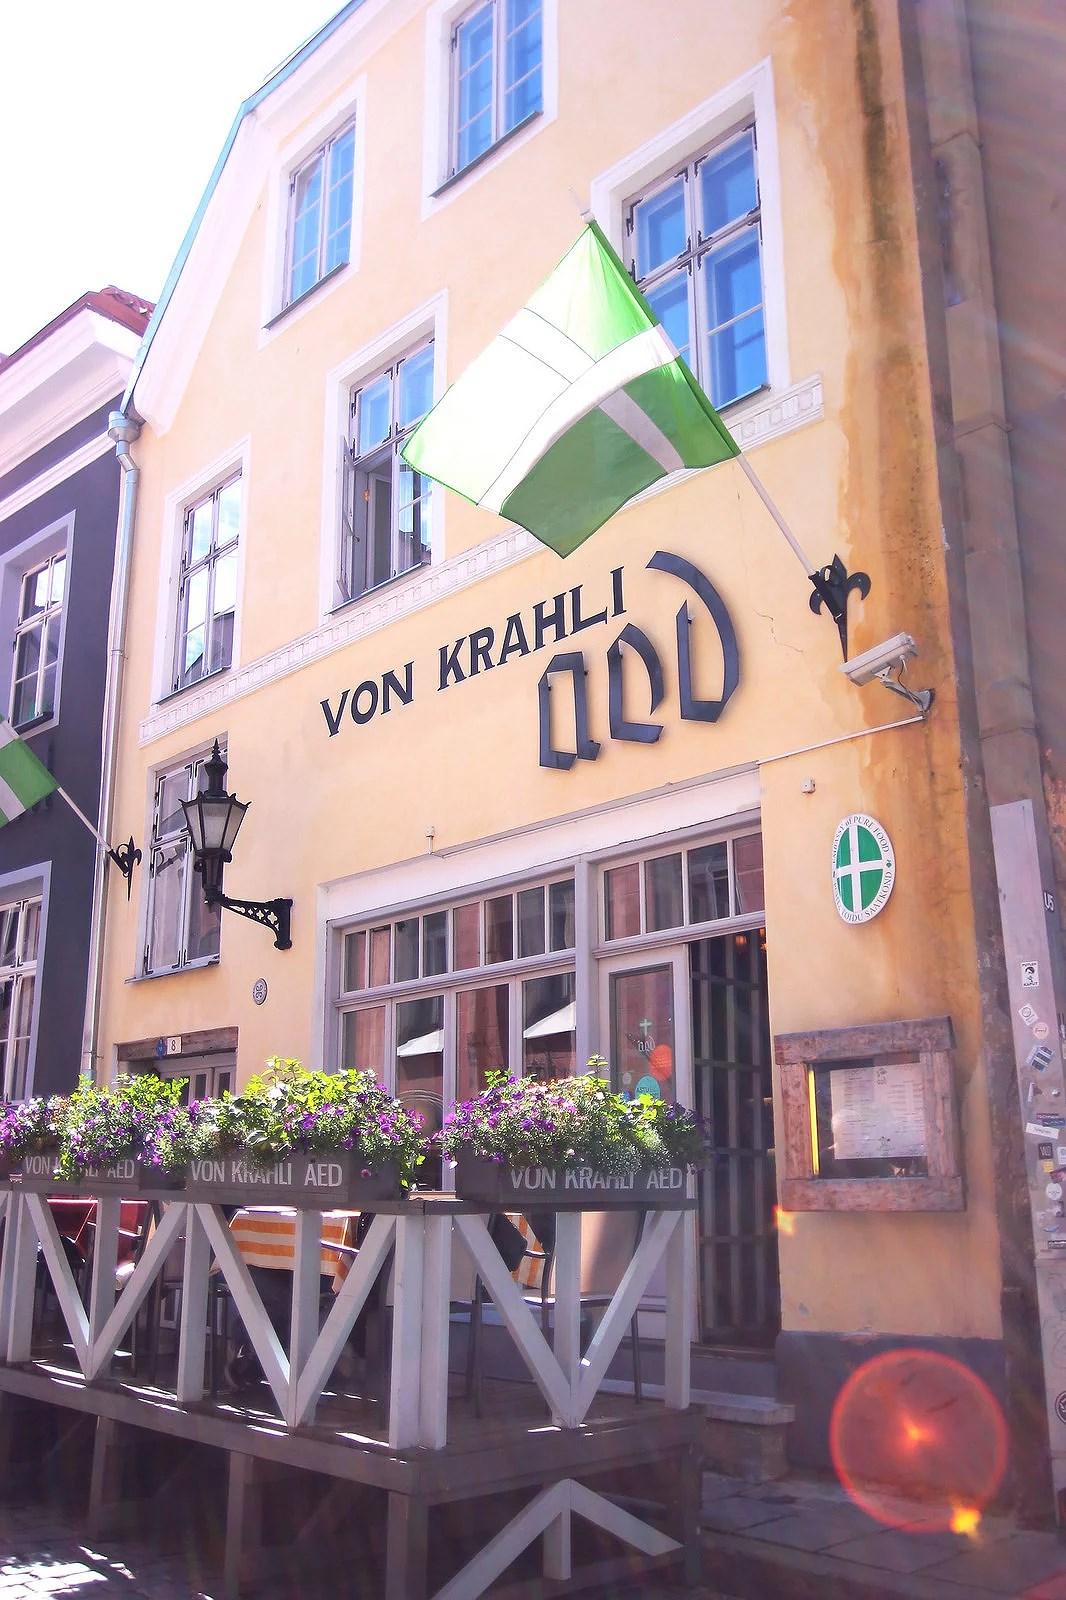 Where to eat in Tallinn